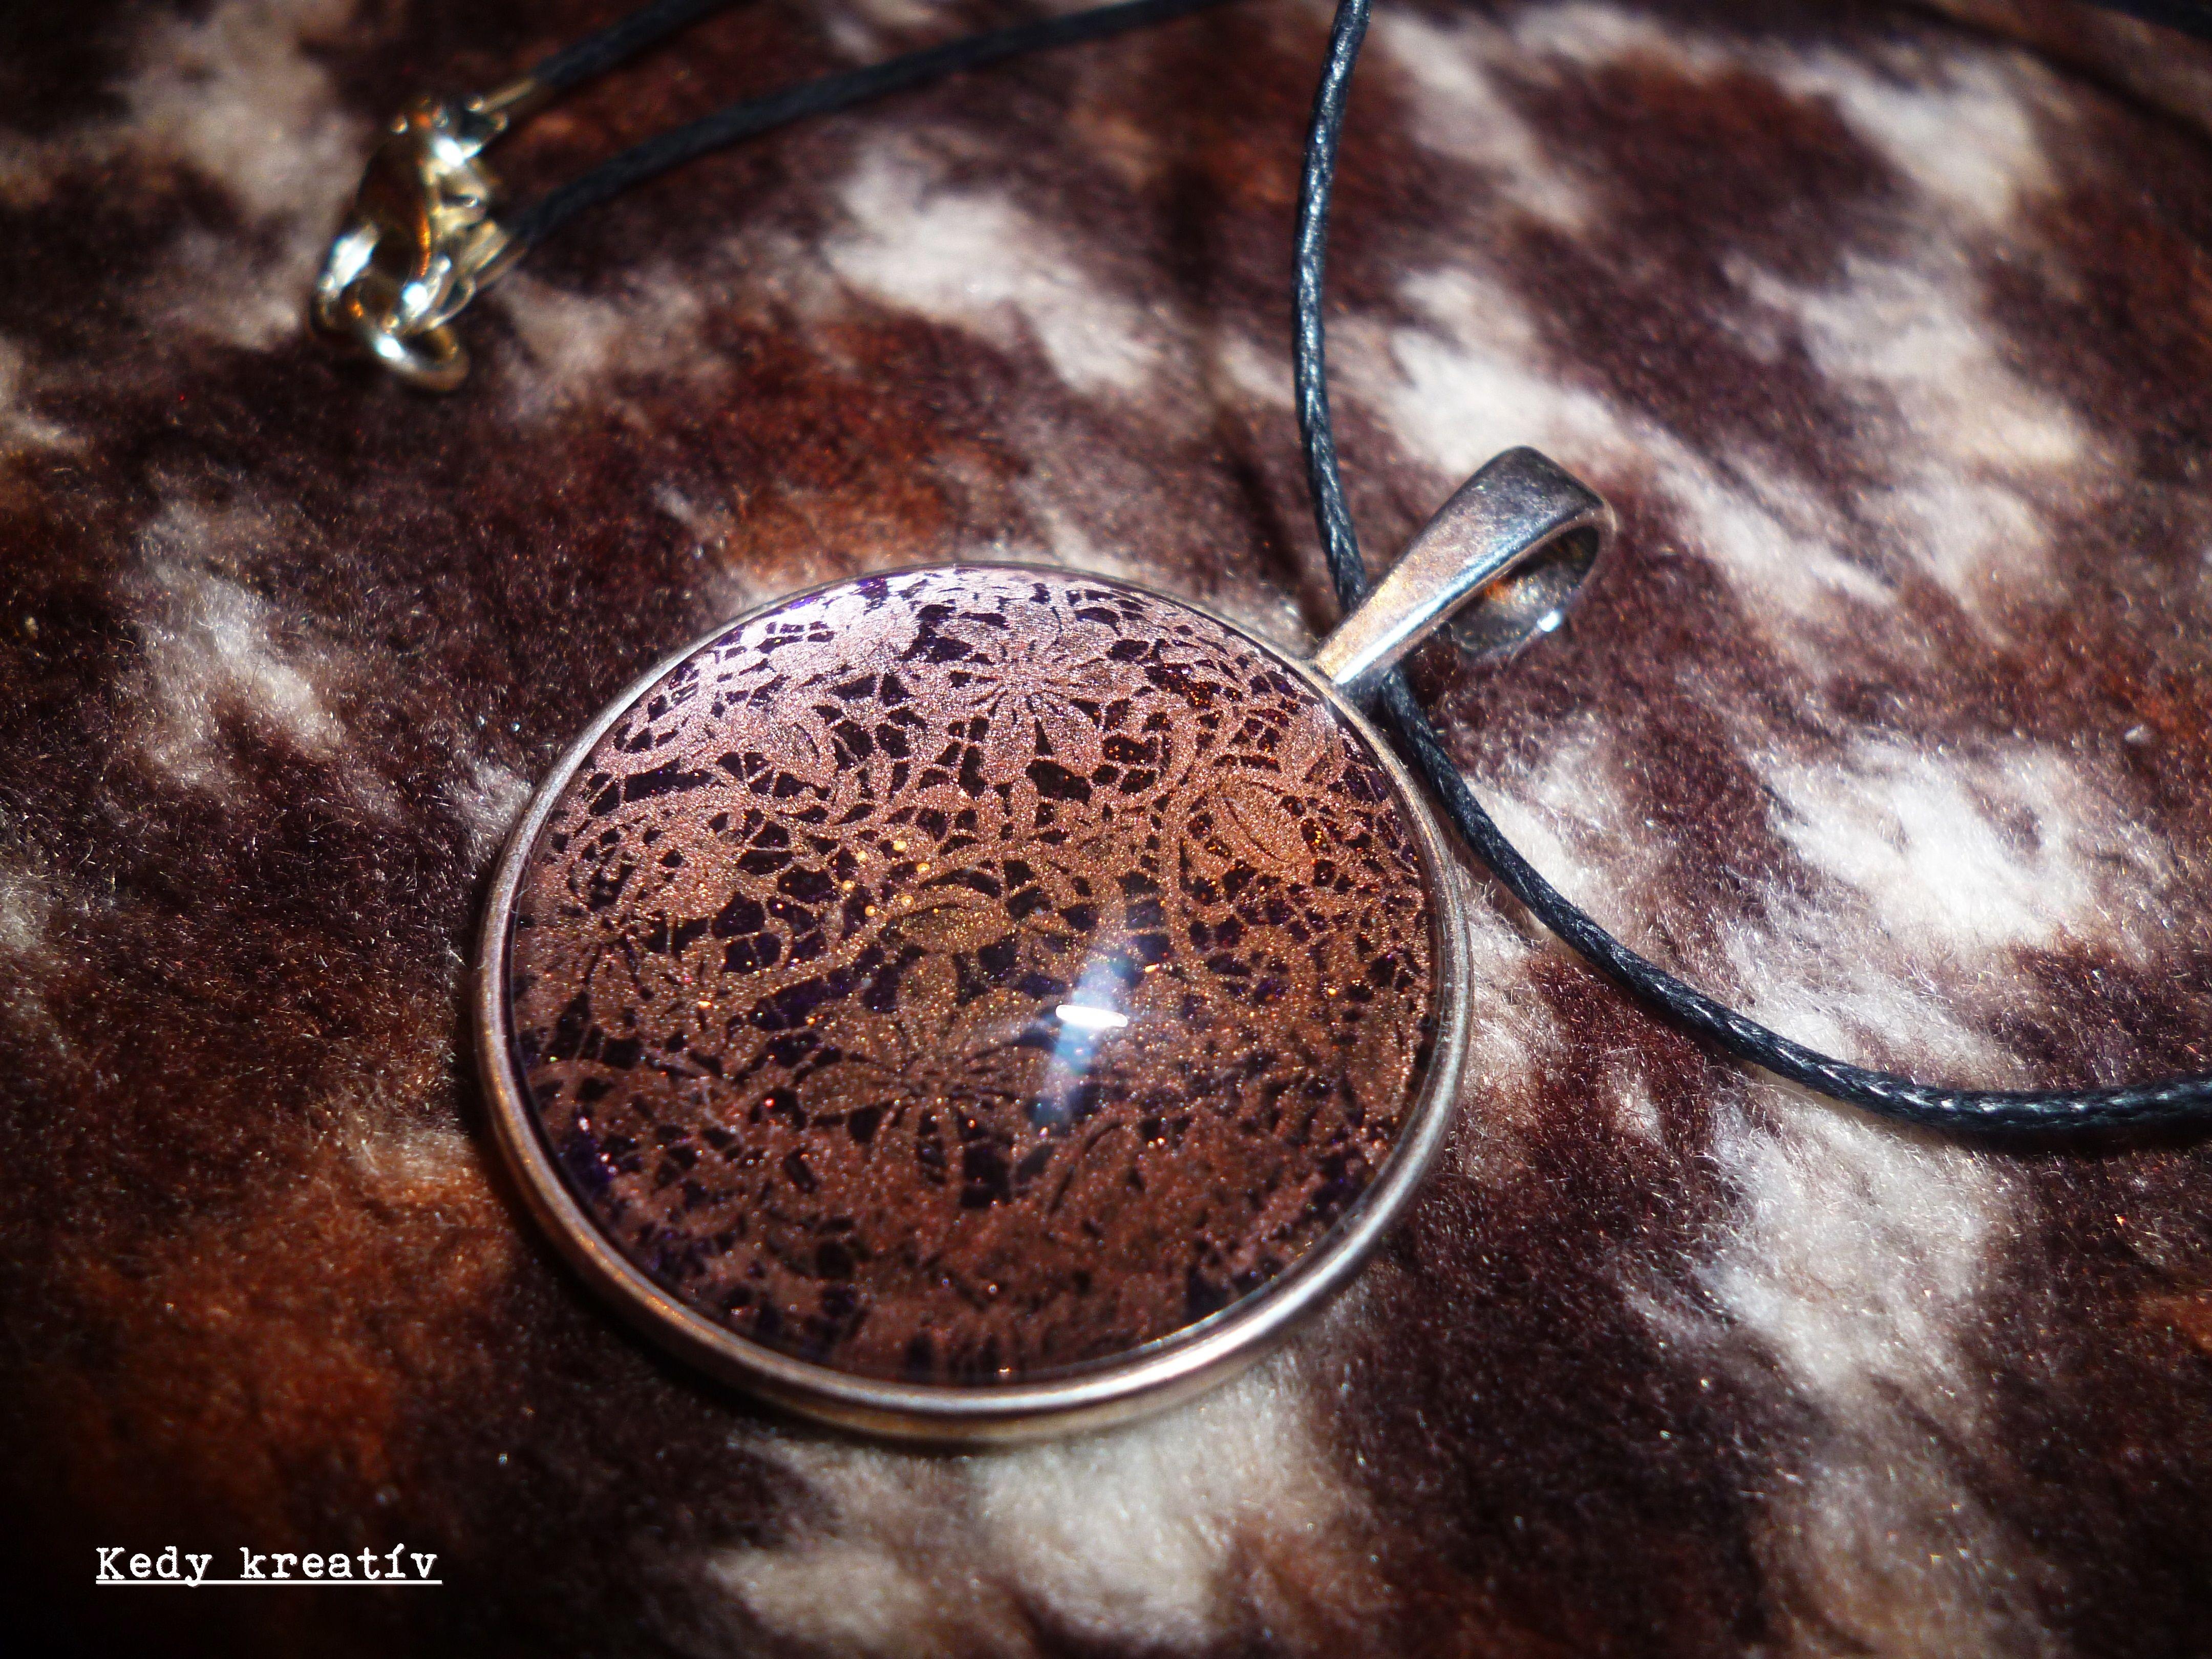 Kedy kreatív termékek:  Mauve Christmas http://kedykreativ.blogspot.hu/2017/01/karacsonyi-csodak.html